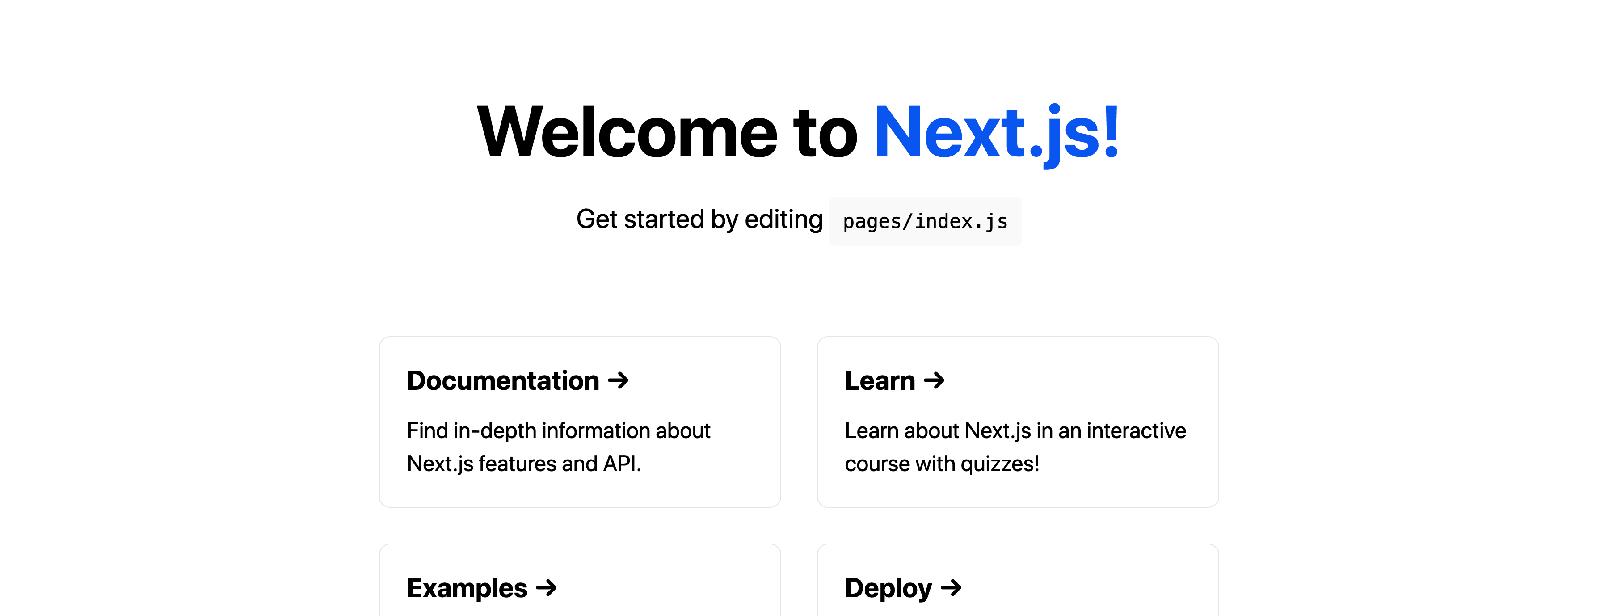 Screenshot: Next.js welcome screen